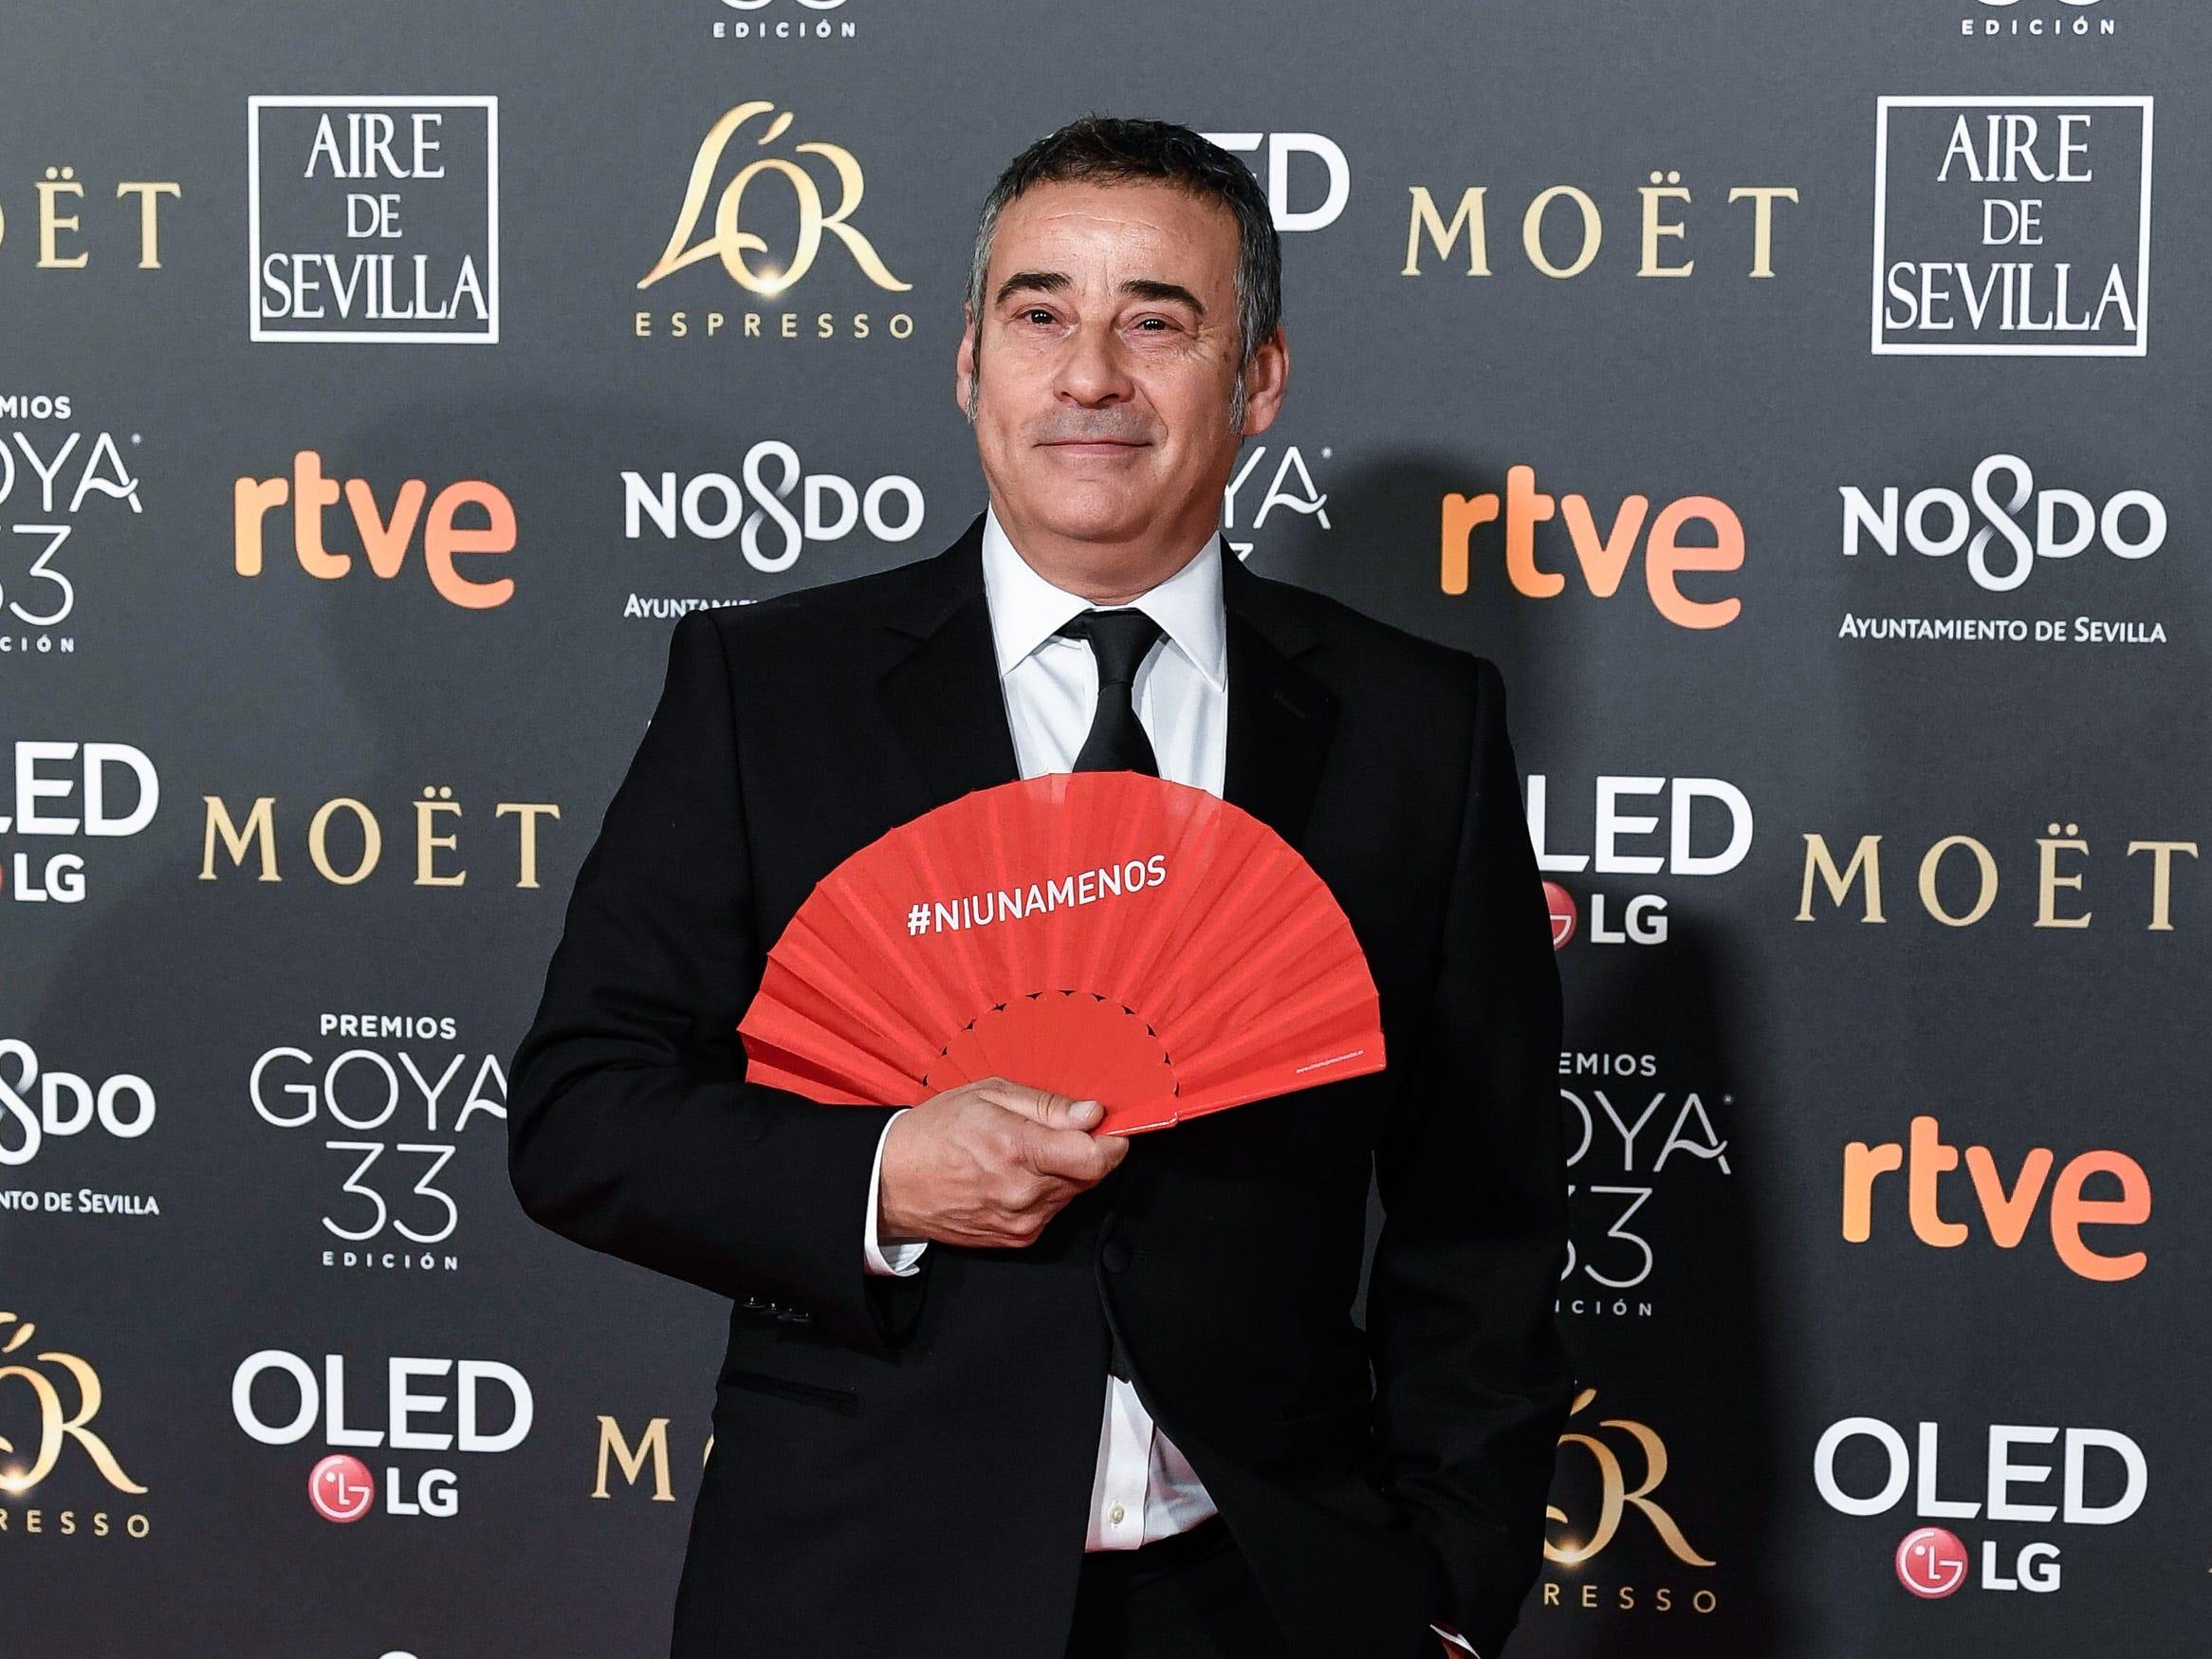 Eduardo Fernández asiste a la 33ª edición de los Premios de Cine Goya en el Palacio de Congresos y Exposiciones FIBES el 2 de febrero de 2019 en Sevilla, España.